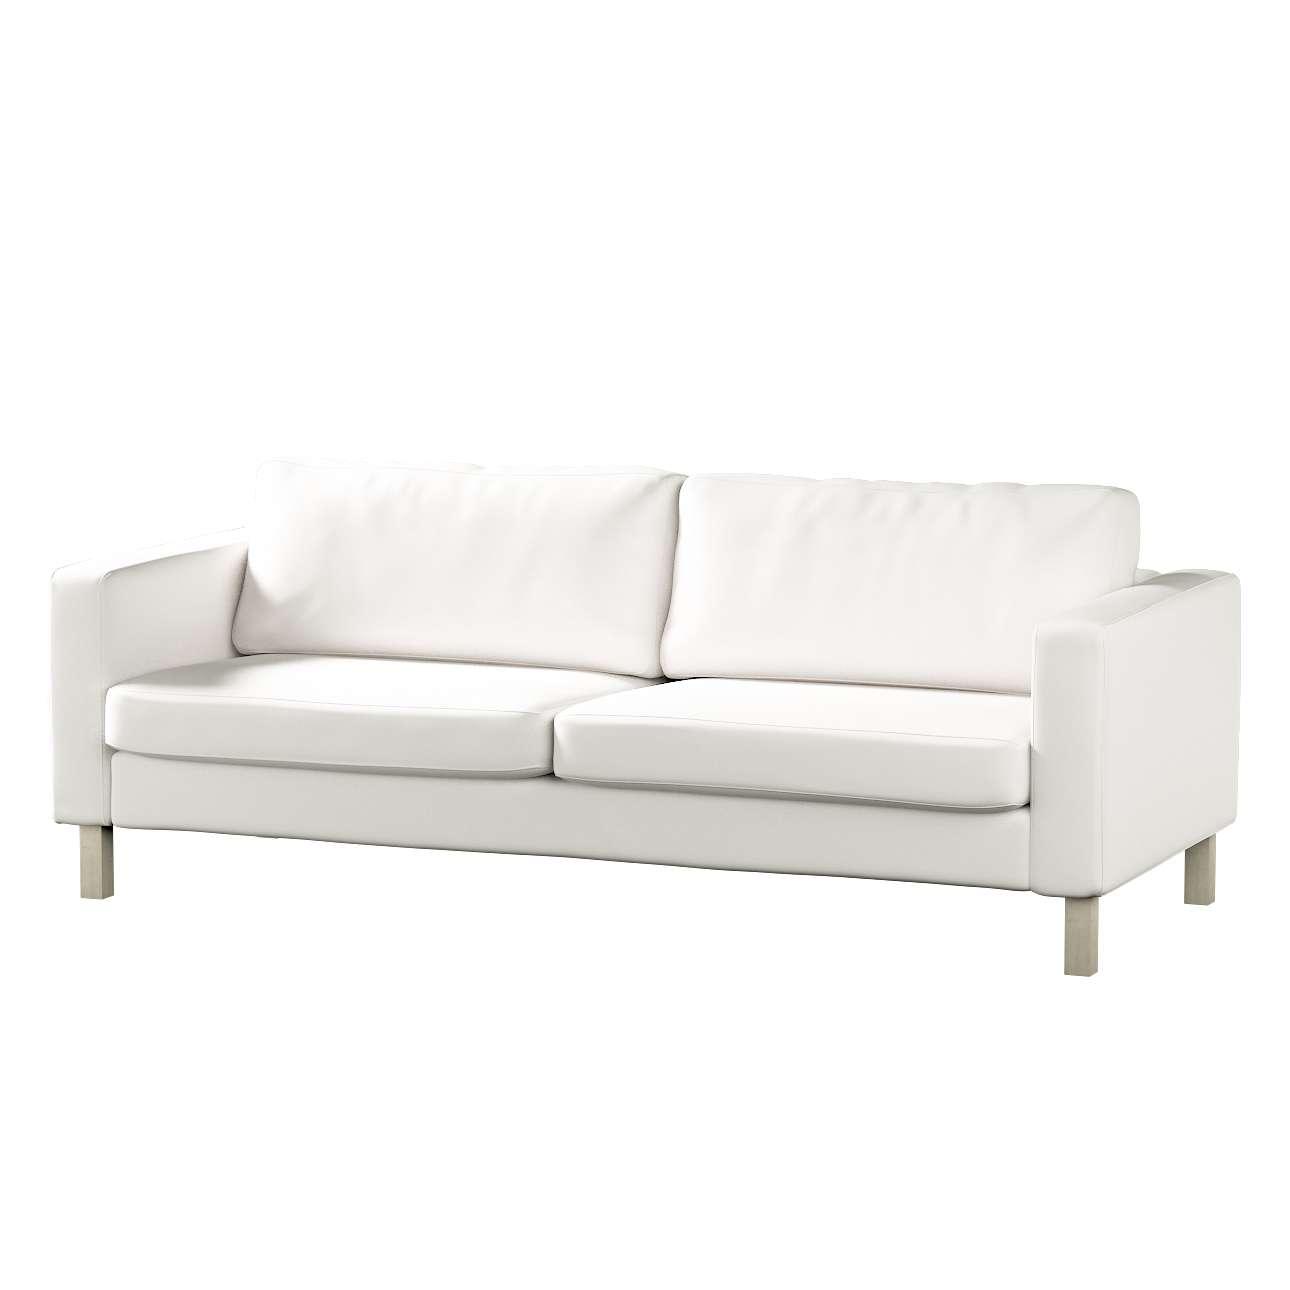 Poťah na sedačku Karlstad (nerozkladá sa, pre 3 osoby, krátka) V kolekcii Cotton Panama, tkanina: 702-34